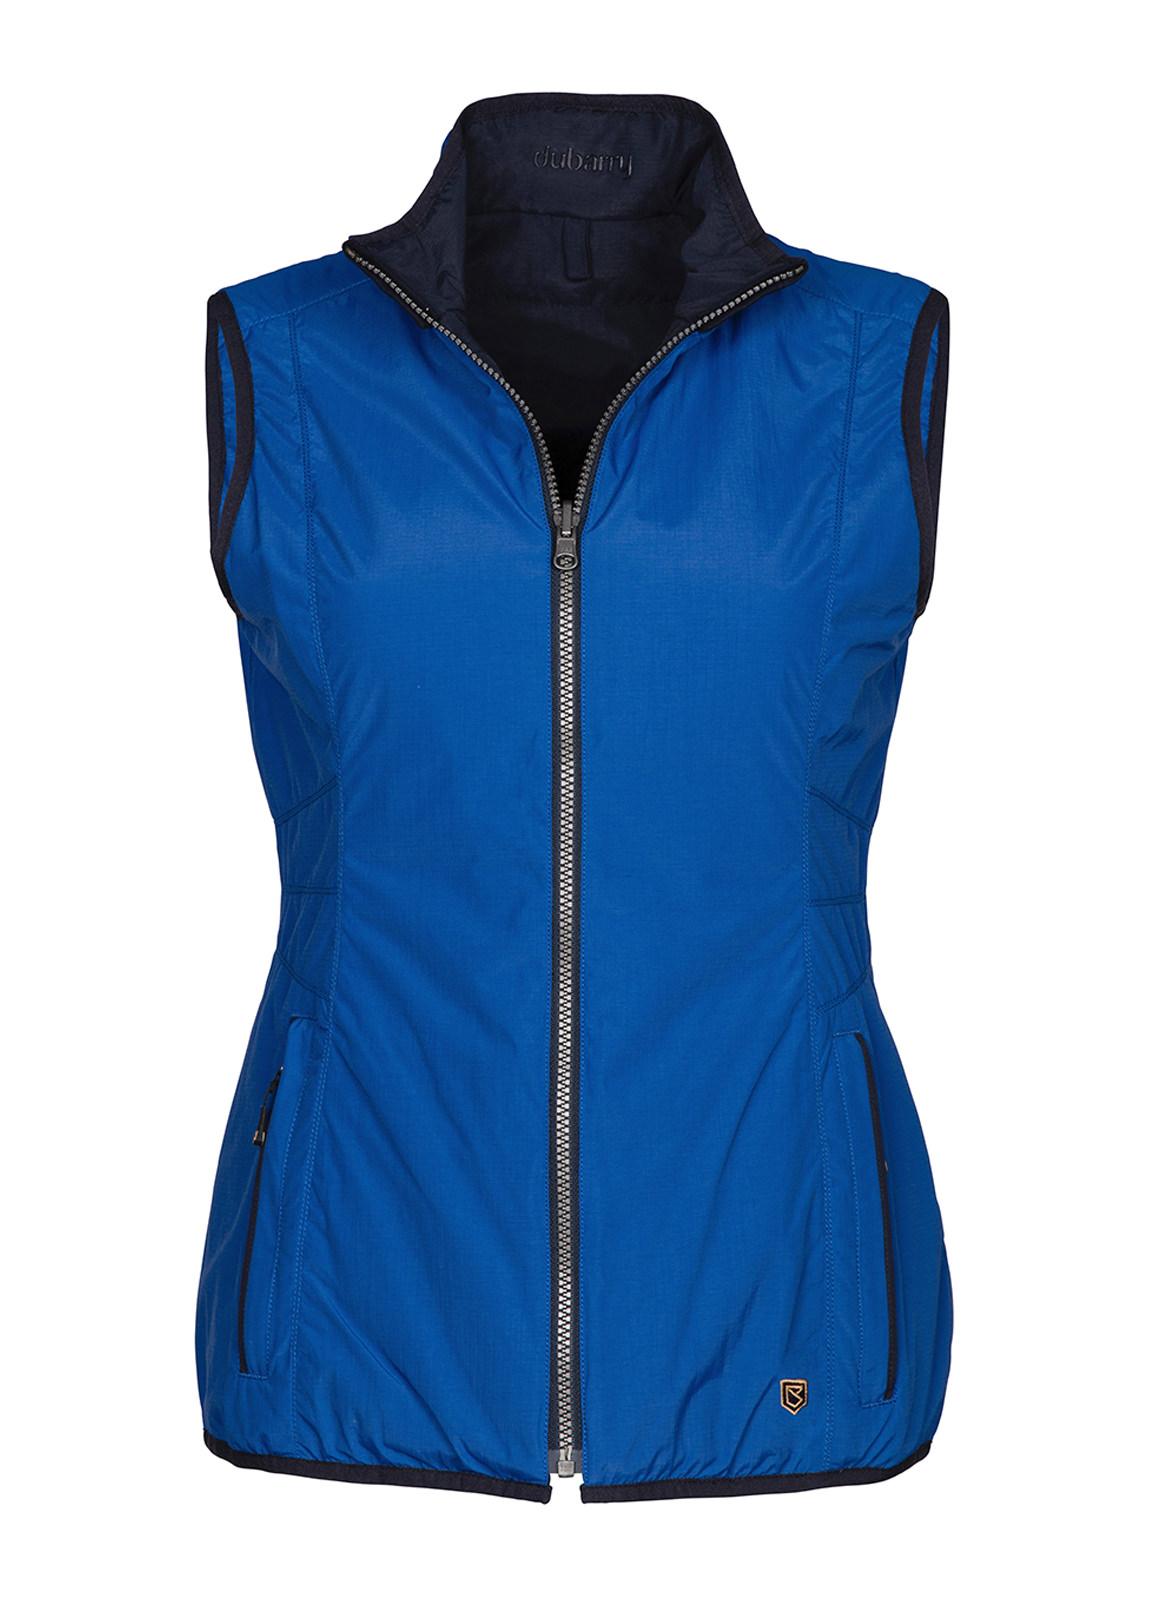 Eglington Jacket - Cobalt